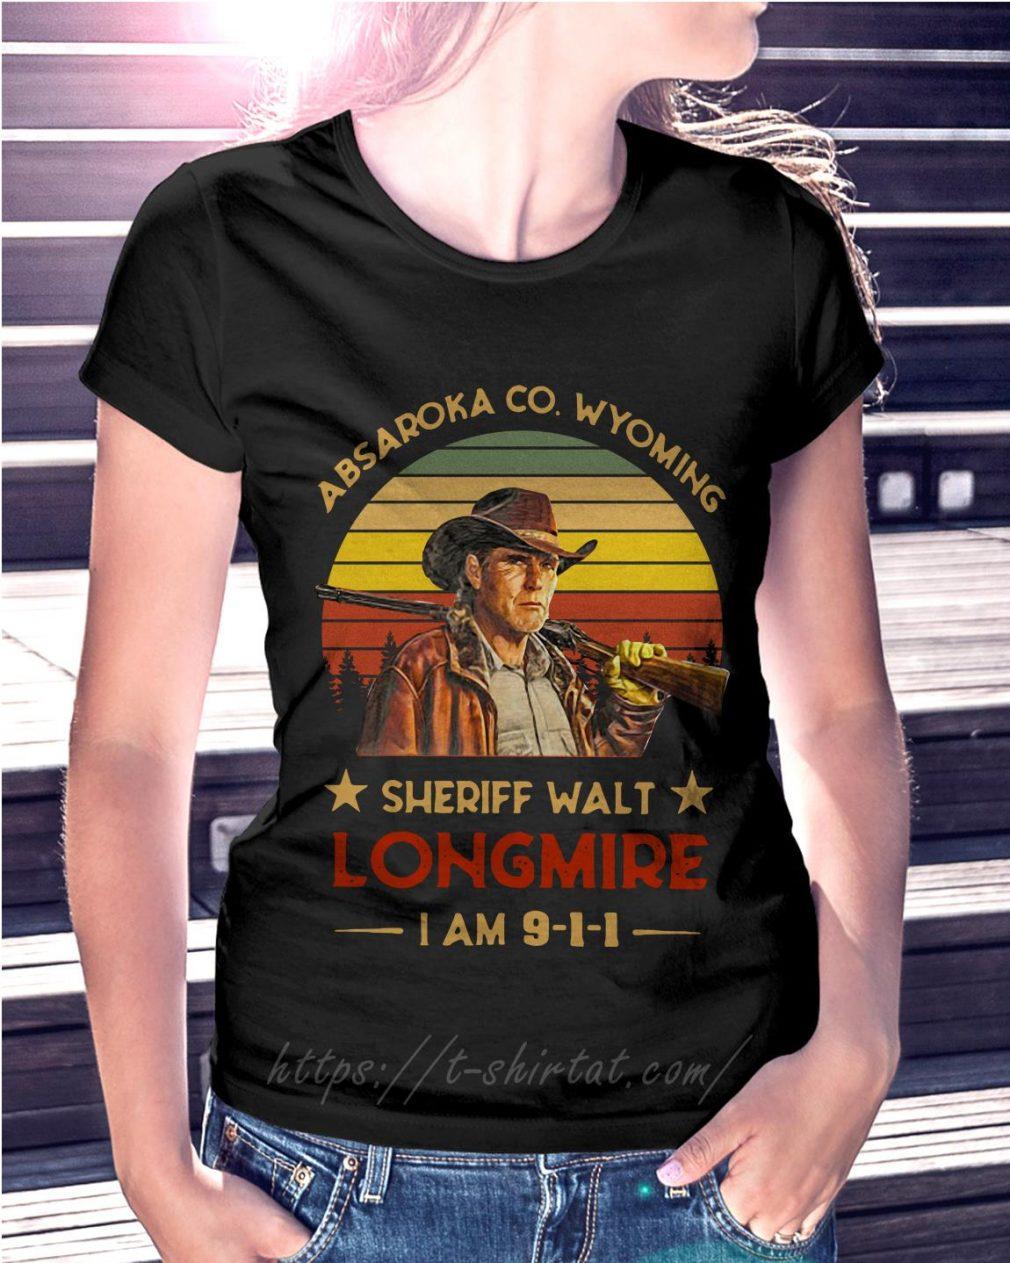 Absaroka Co Wyoming sheriff Walt Longmire I am 9-1-1 Ladies Tee